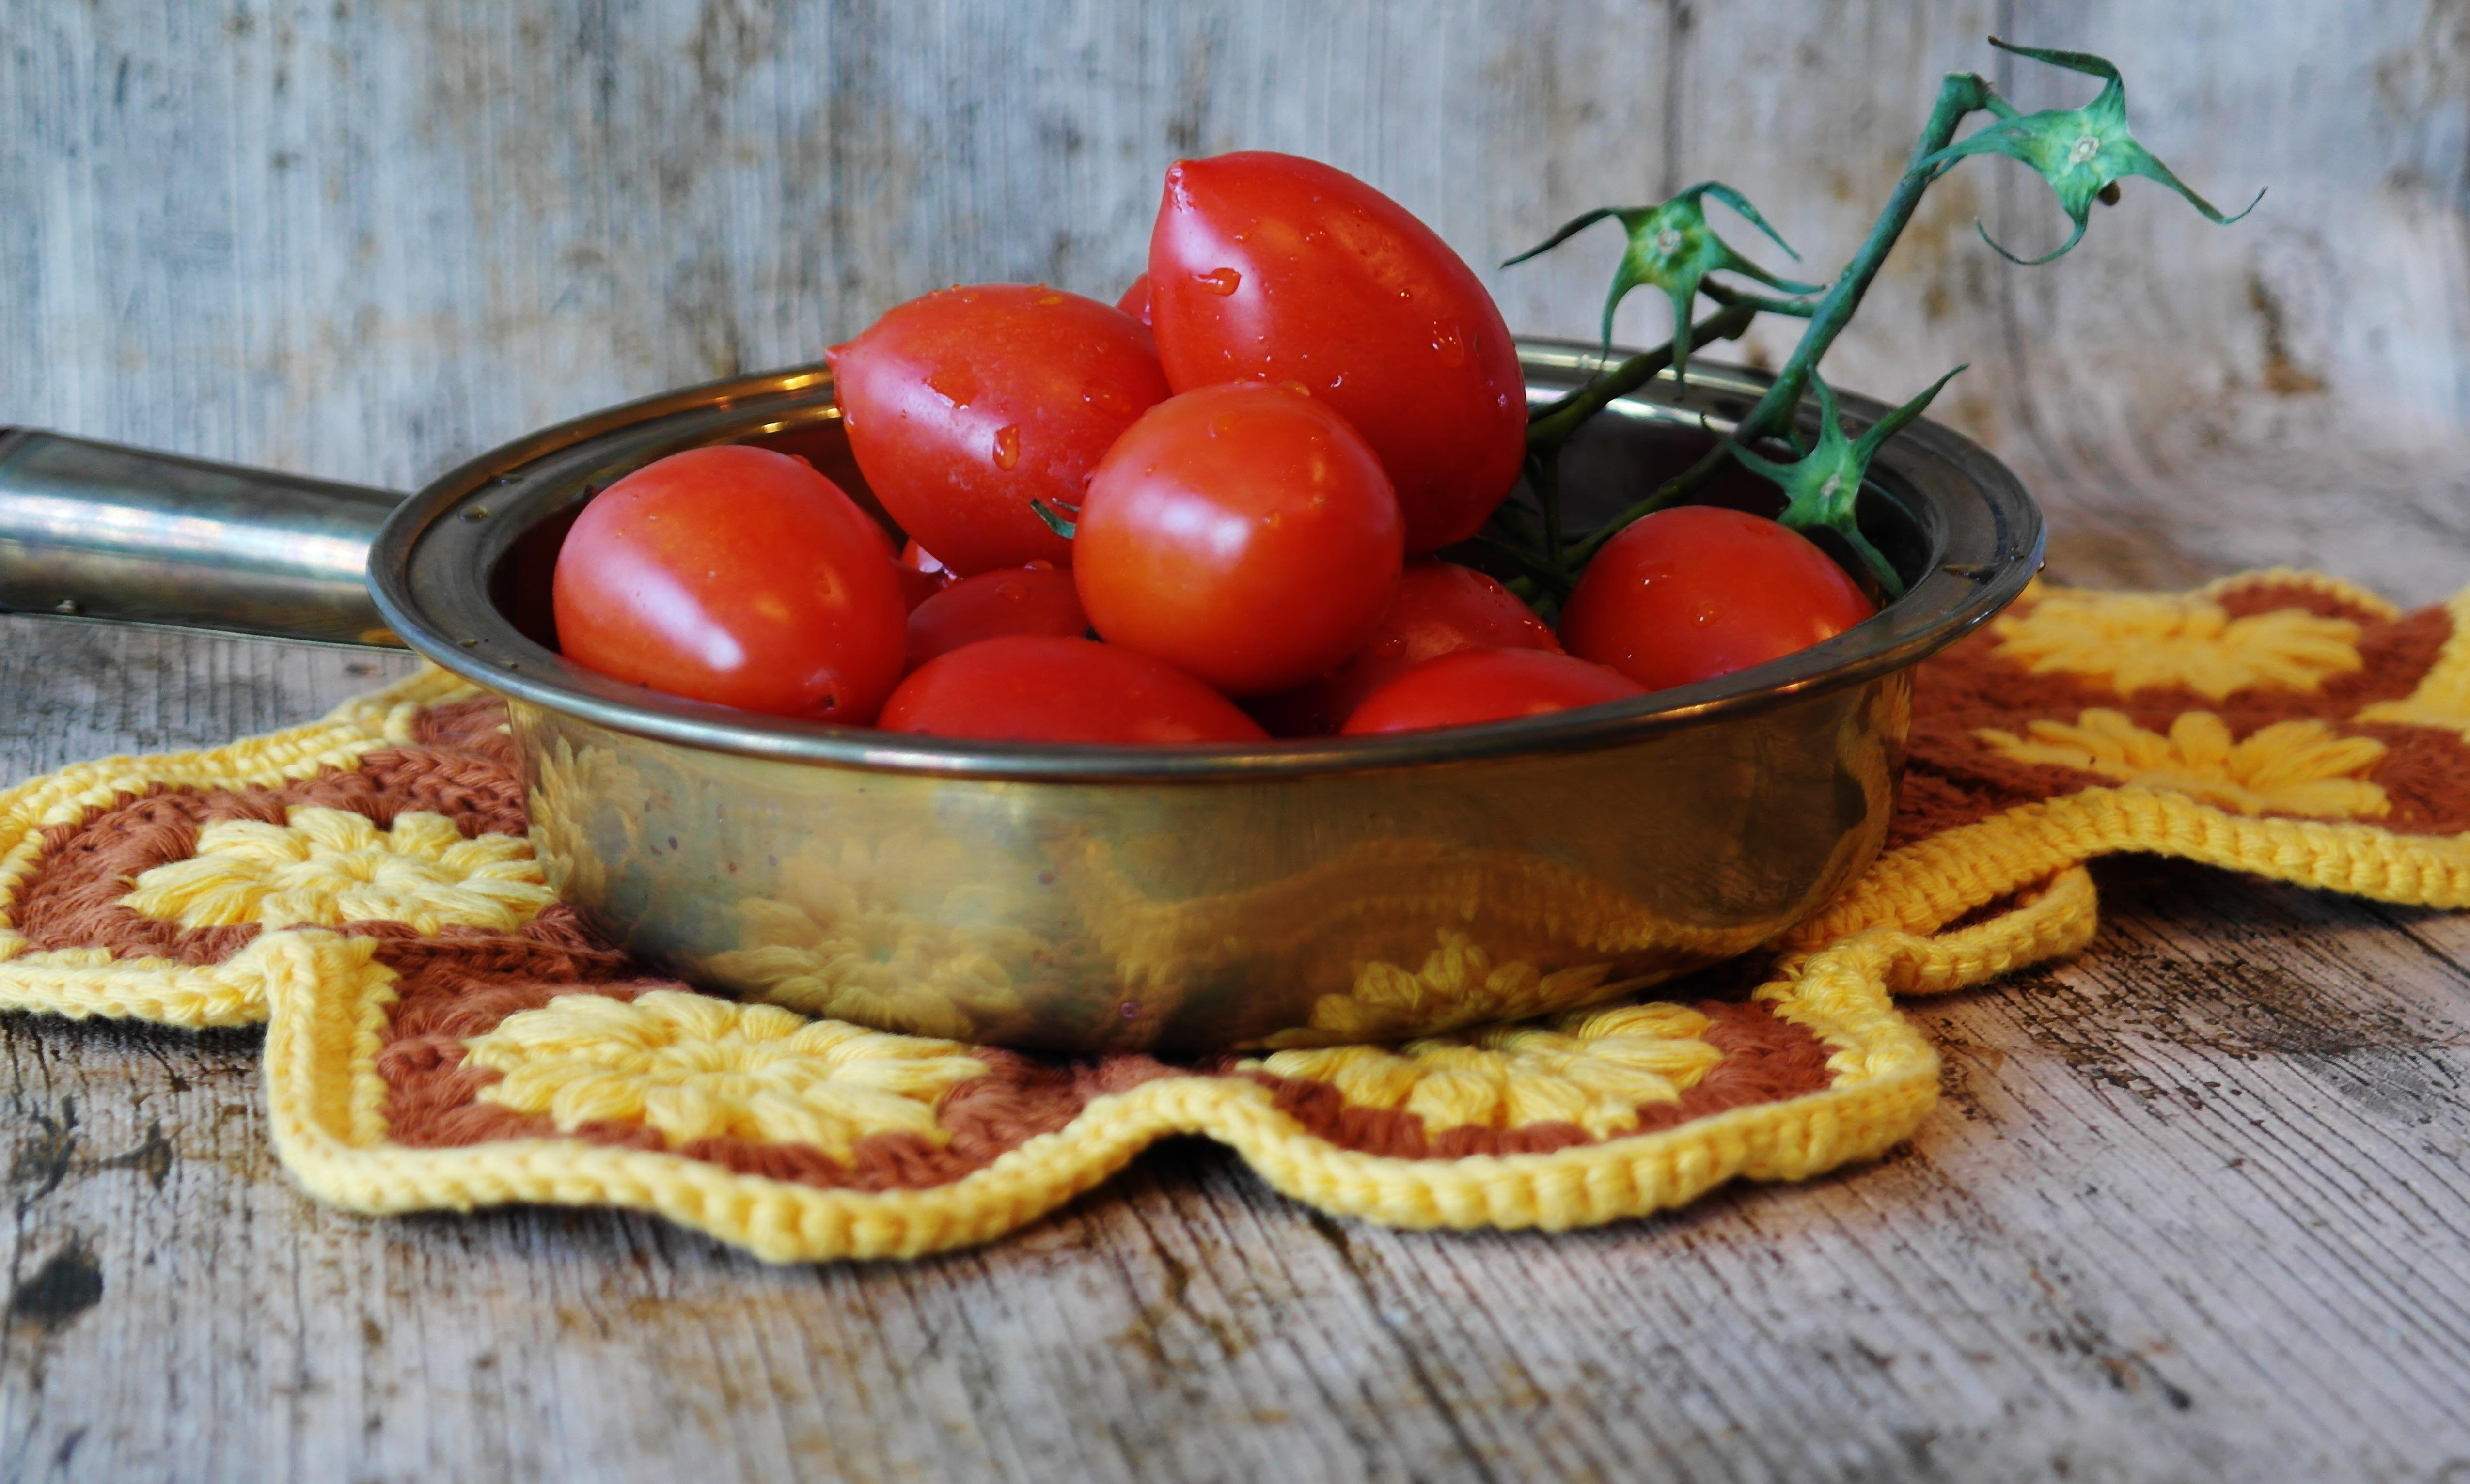 Menanam Buah Makan Hidangan Makanan Salad Merah Menghasilkan Sayur Mayur Dapur Sehat Masakan Tomat